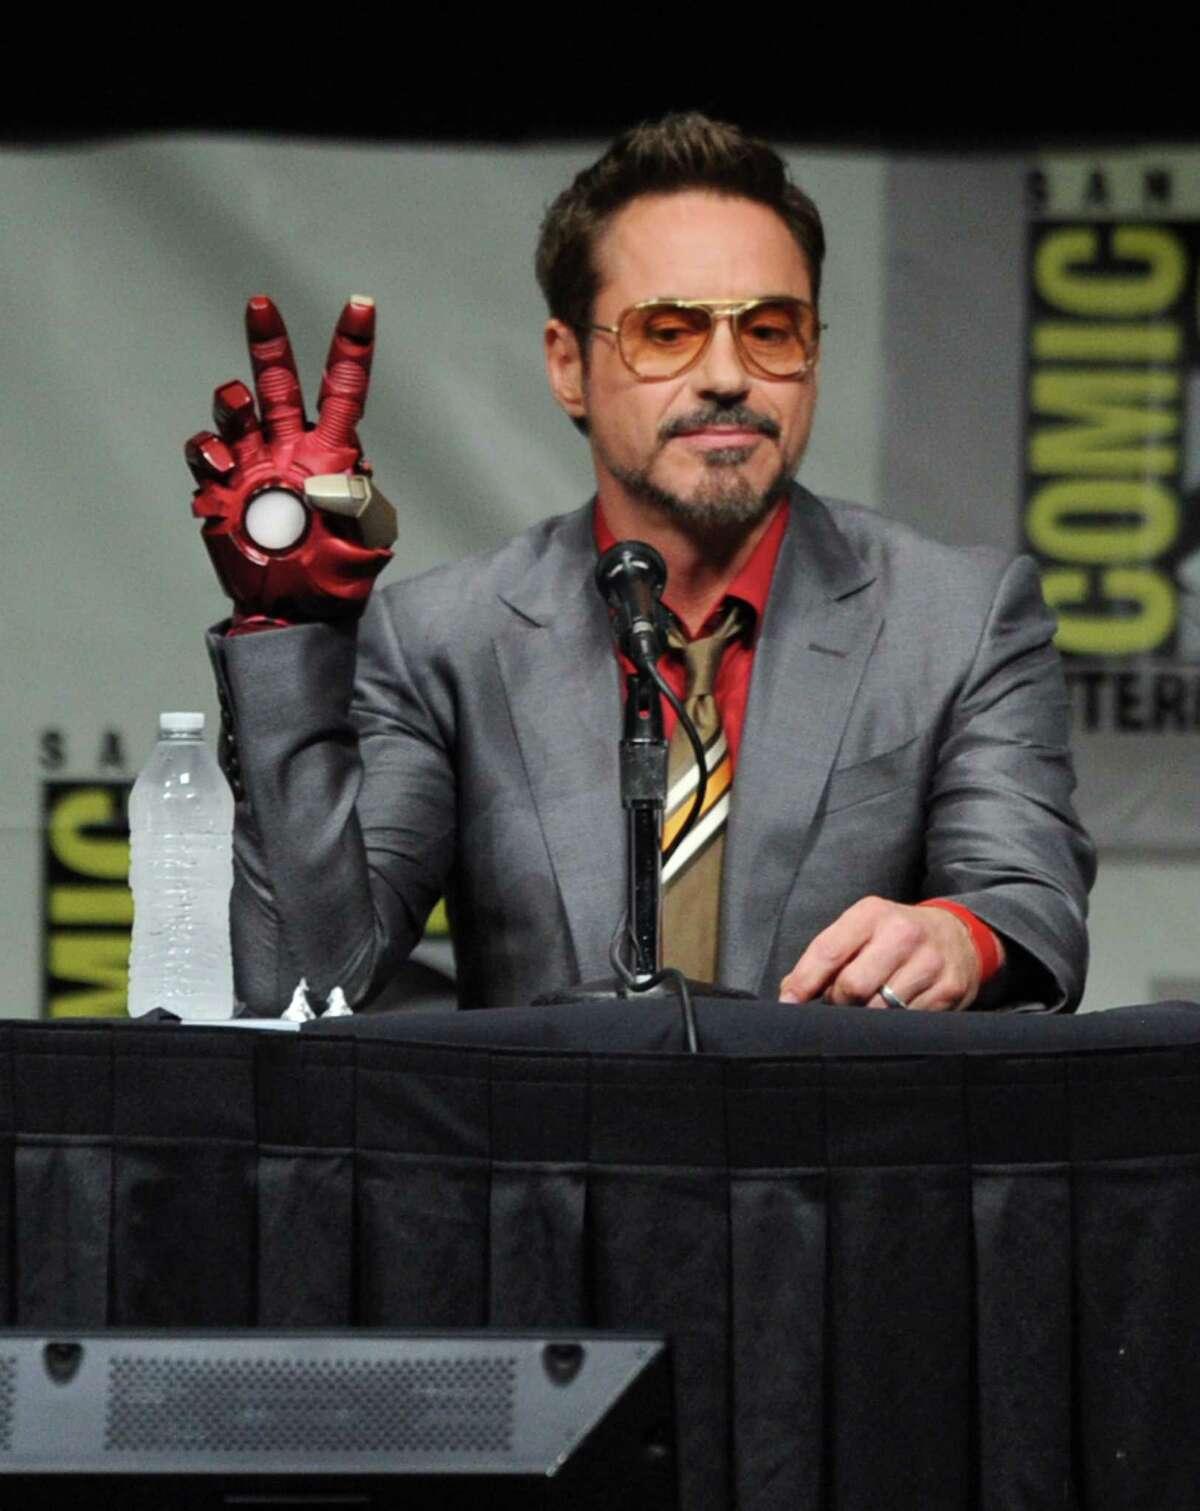 SAN DIEGO, CA - JULY 14: Actor Robert Downey Jr. speaks at Marvel Studios